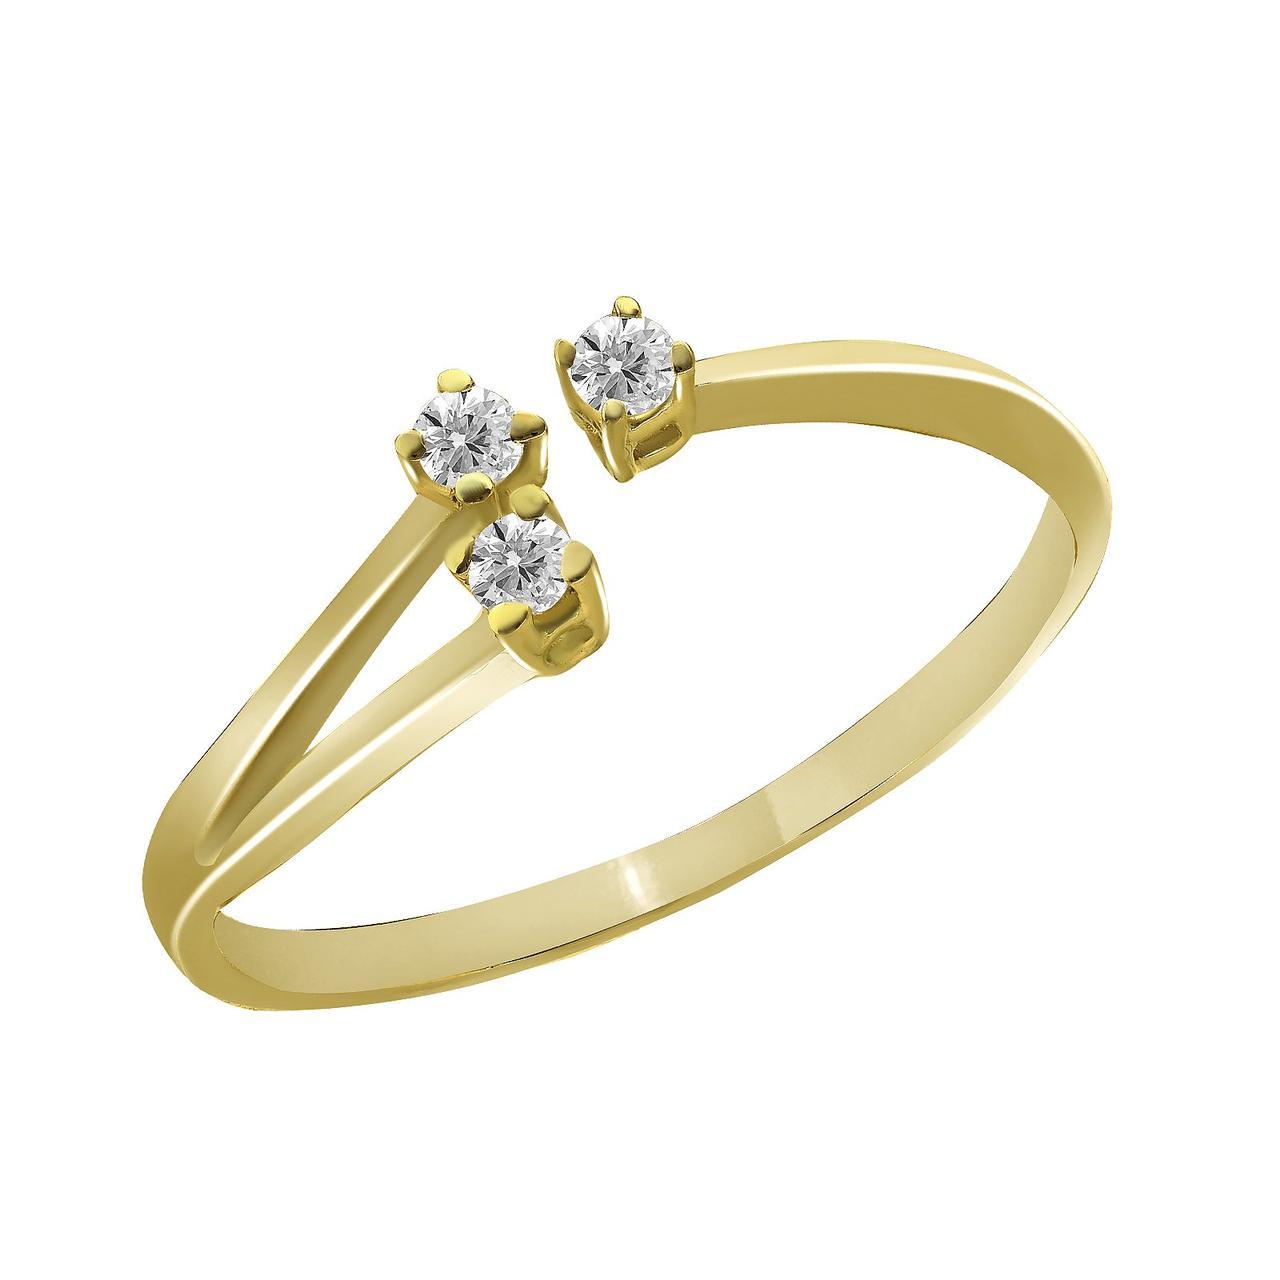 Золотое кольцо с бриллиантами, размер 17.5 (872564)